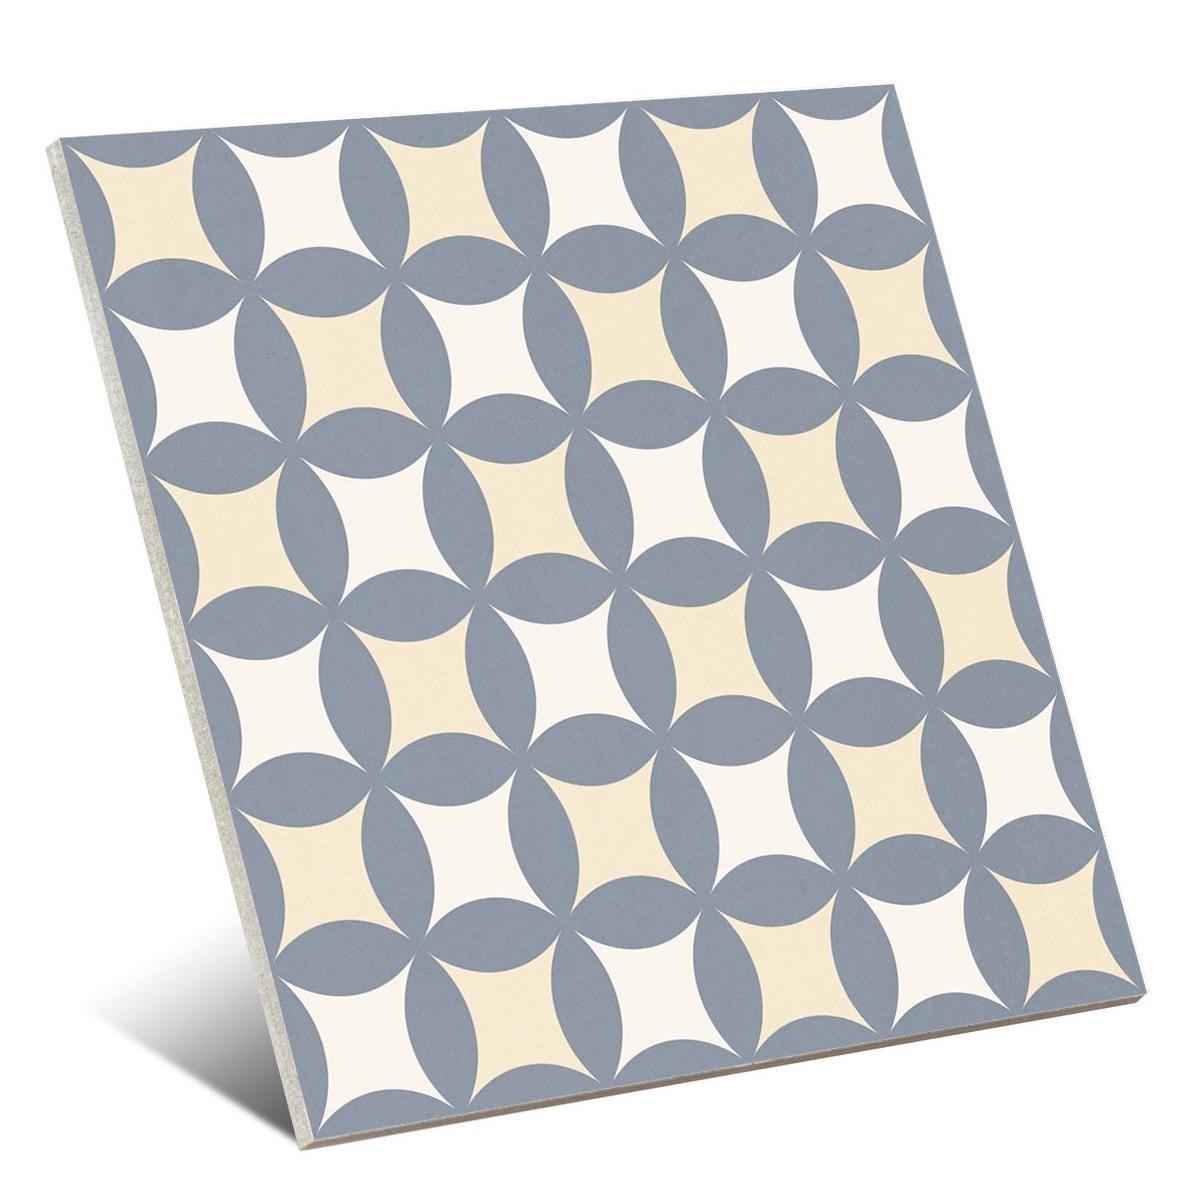 Taco Heritage Grey 16,5x16,5 (Caja de 0,55 m2) Gaya Fores S.L.